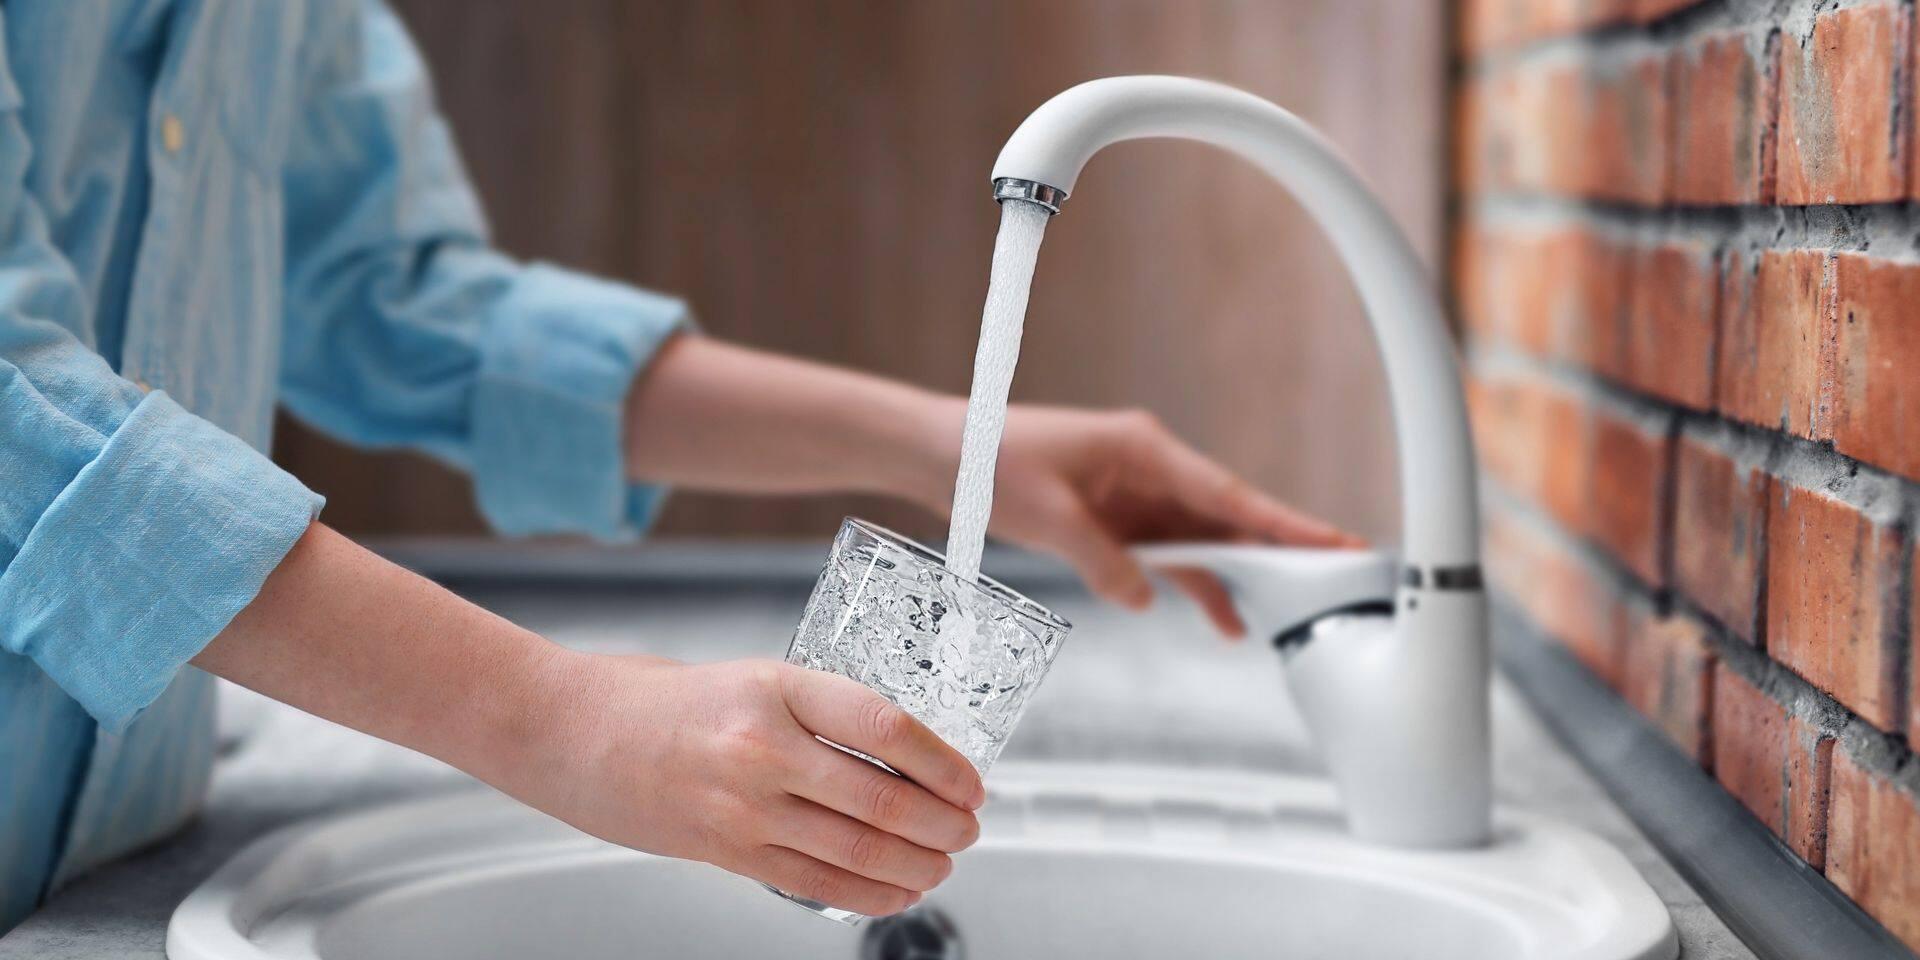 Selon l'OMS, un centre de soins sur 4 dans le monde n'a pas d'eau, un danger face au Covid